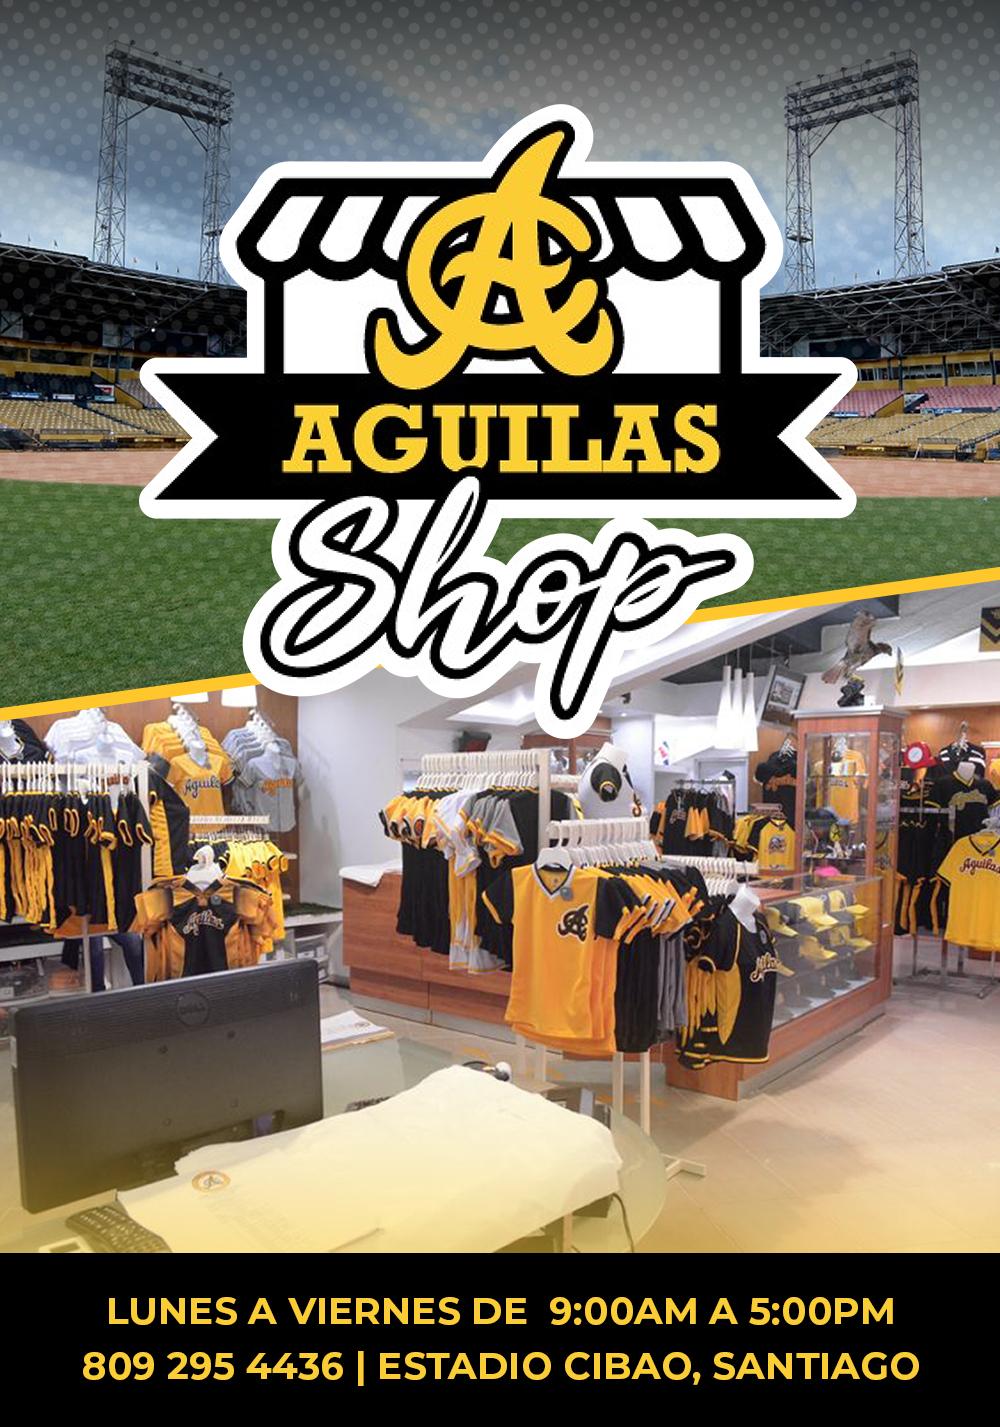 Aguilas Shop